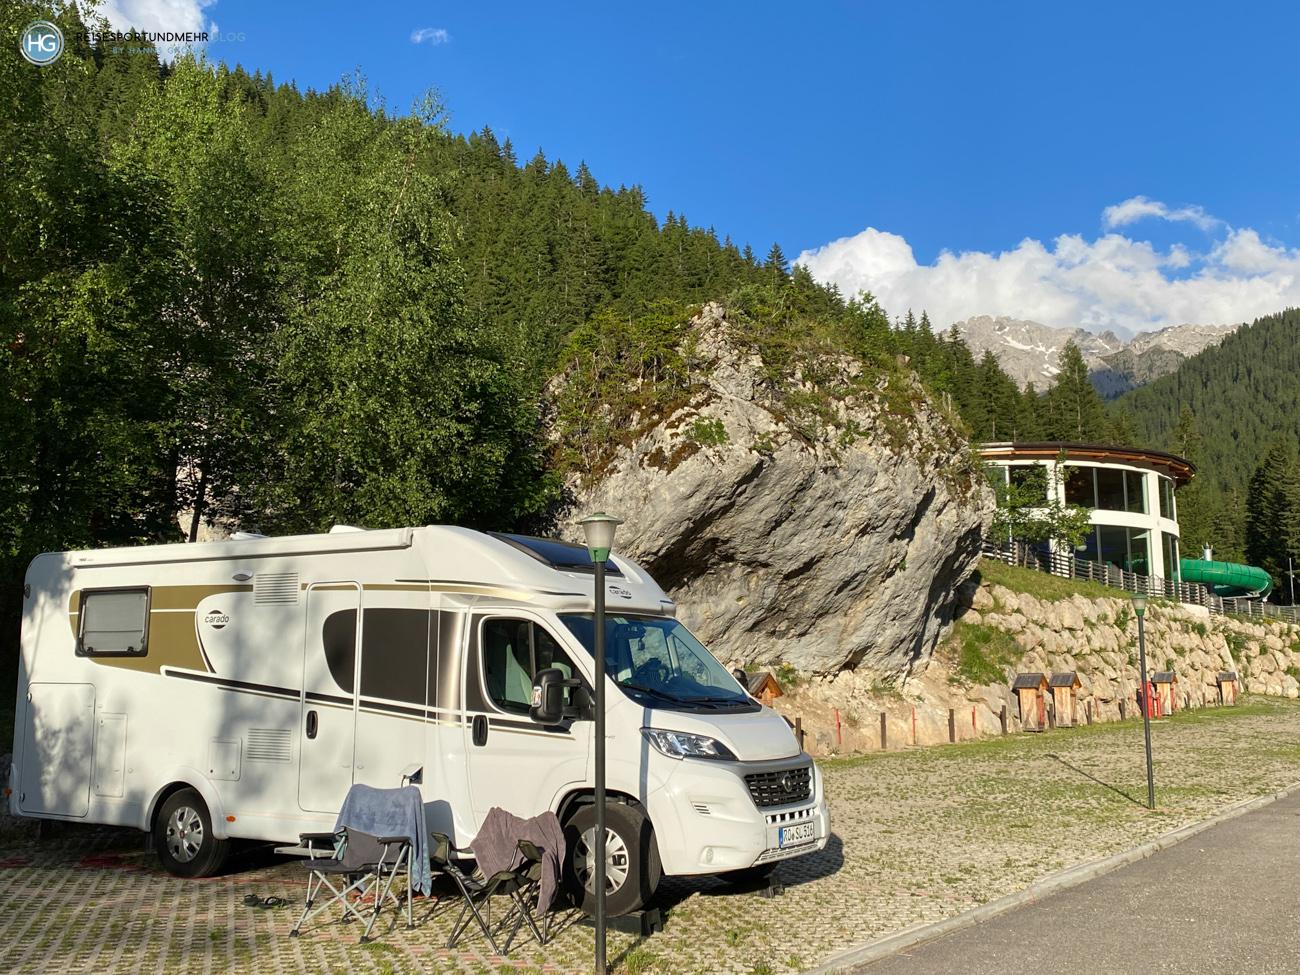 Südtirol 2021 - Camping Vidor (Foto: Hanns Gröner)